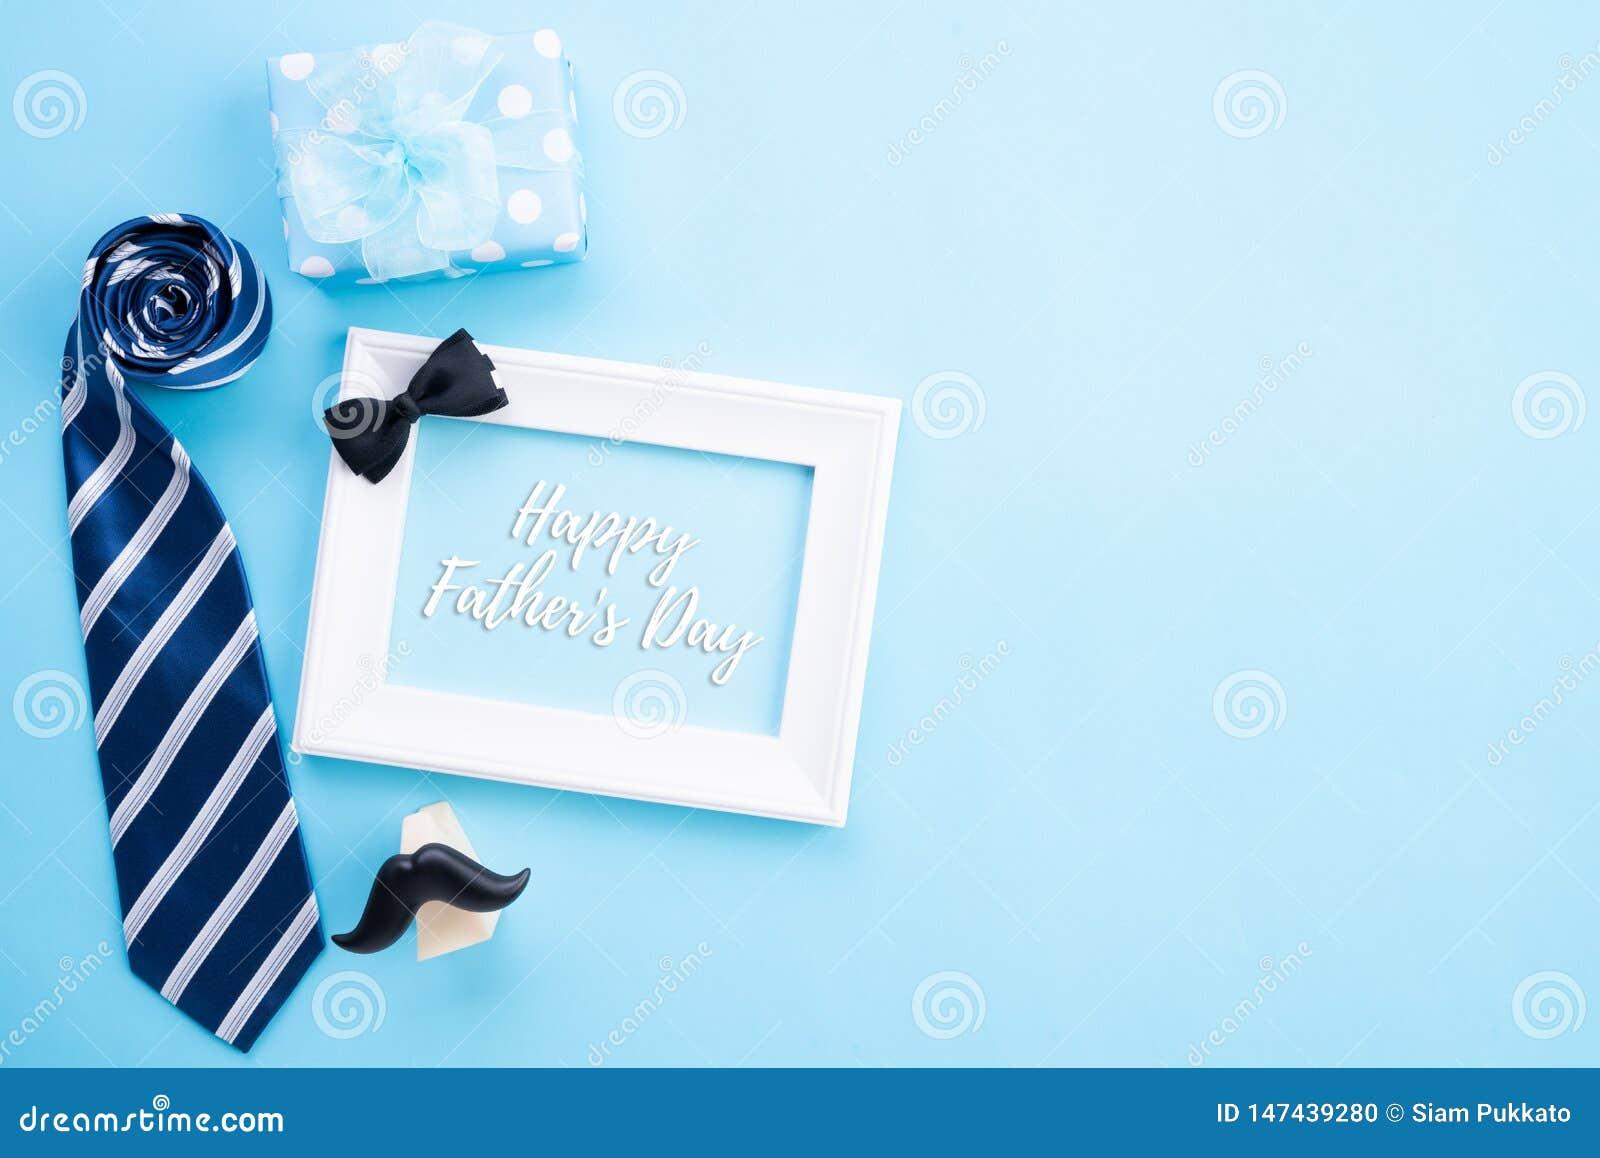 Dia de pai feliz Vista superior do la?o azul, caixa de presente bonita, caneca de caf?, moldura para retrato branca com texto fel